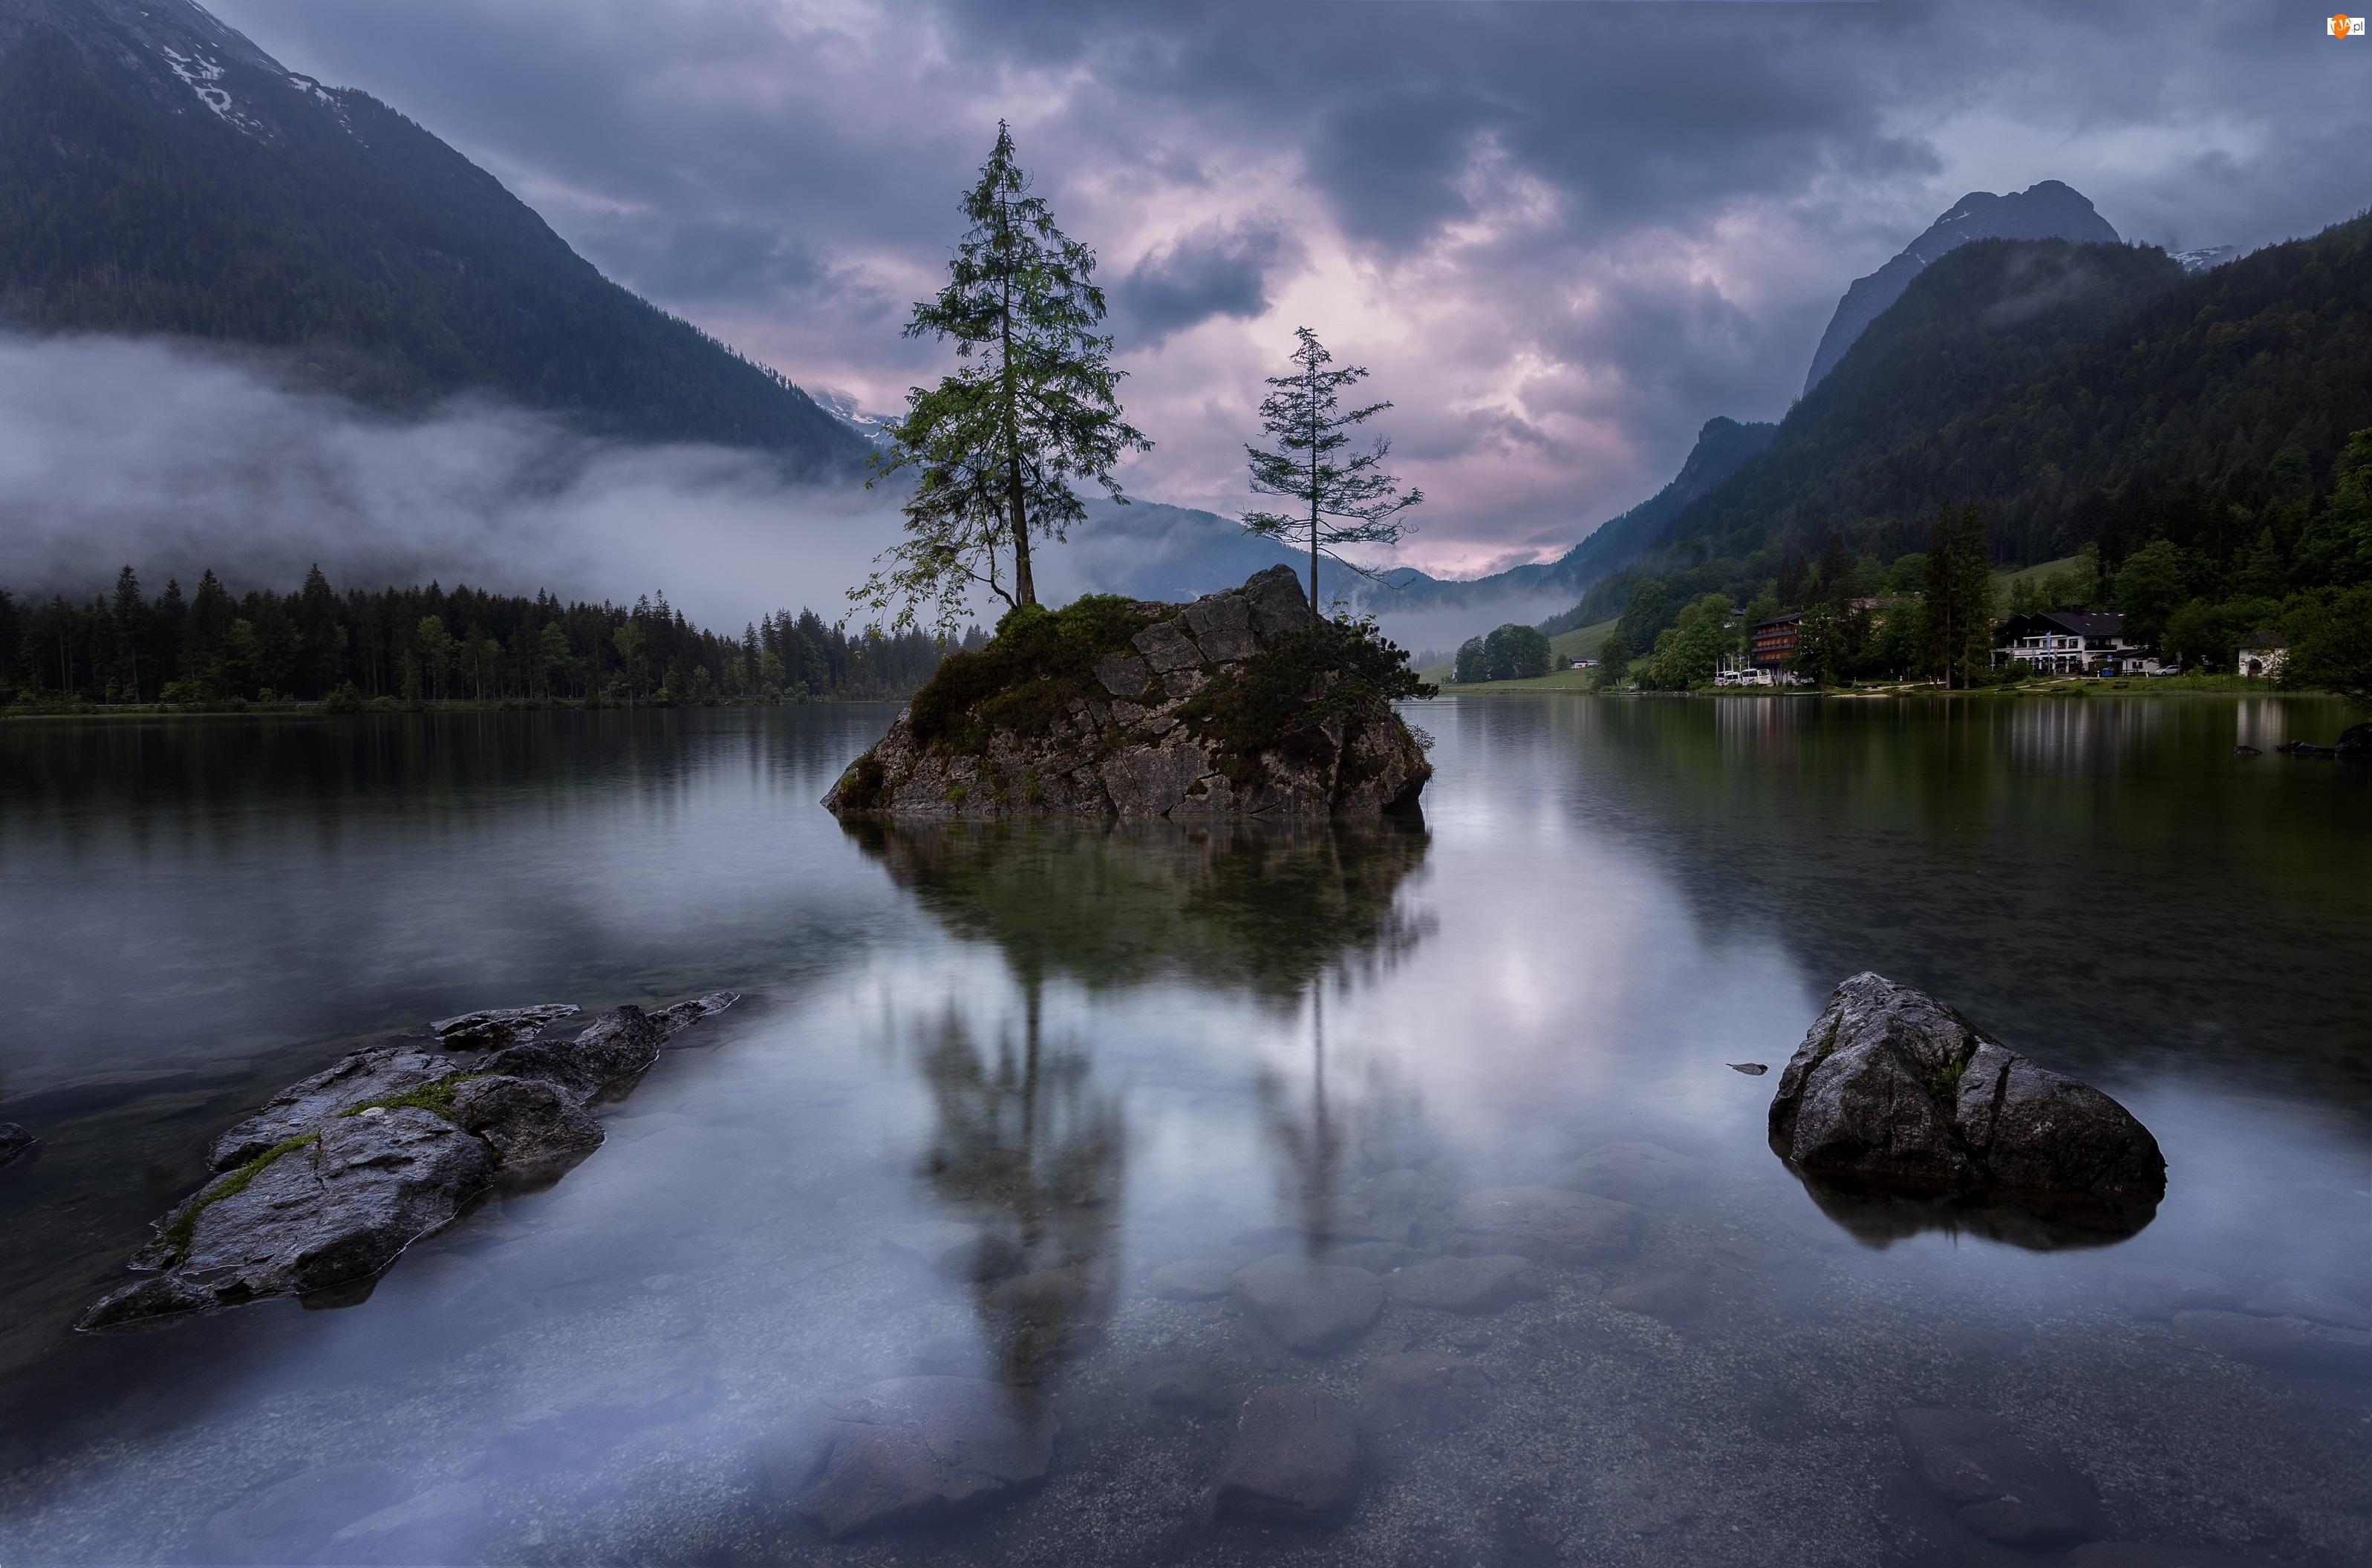 Góry Alpy, Drzewa, Niemcy, Jezioro Hintersee, Bawaria, Kamienie, Skały